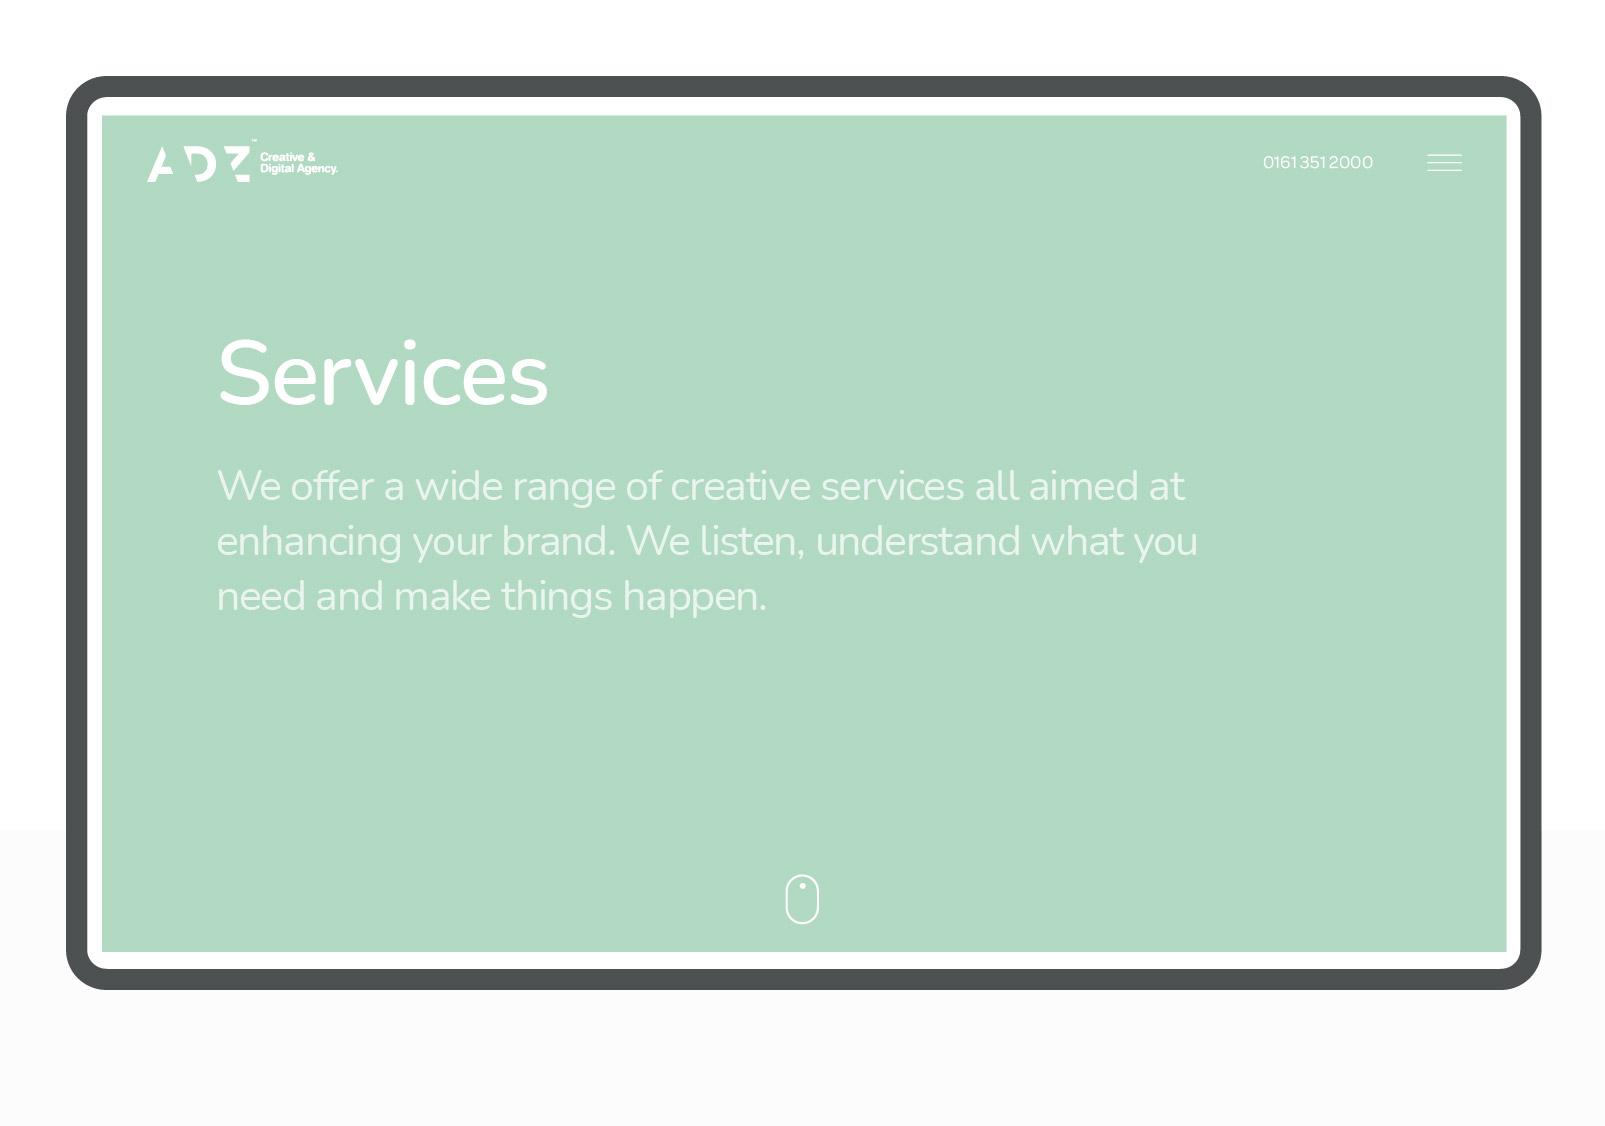 adz_services-01